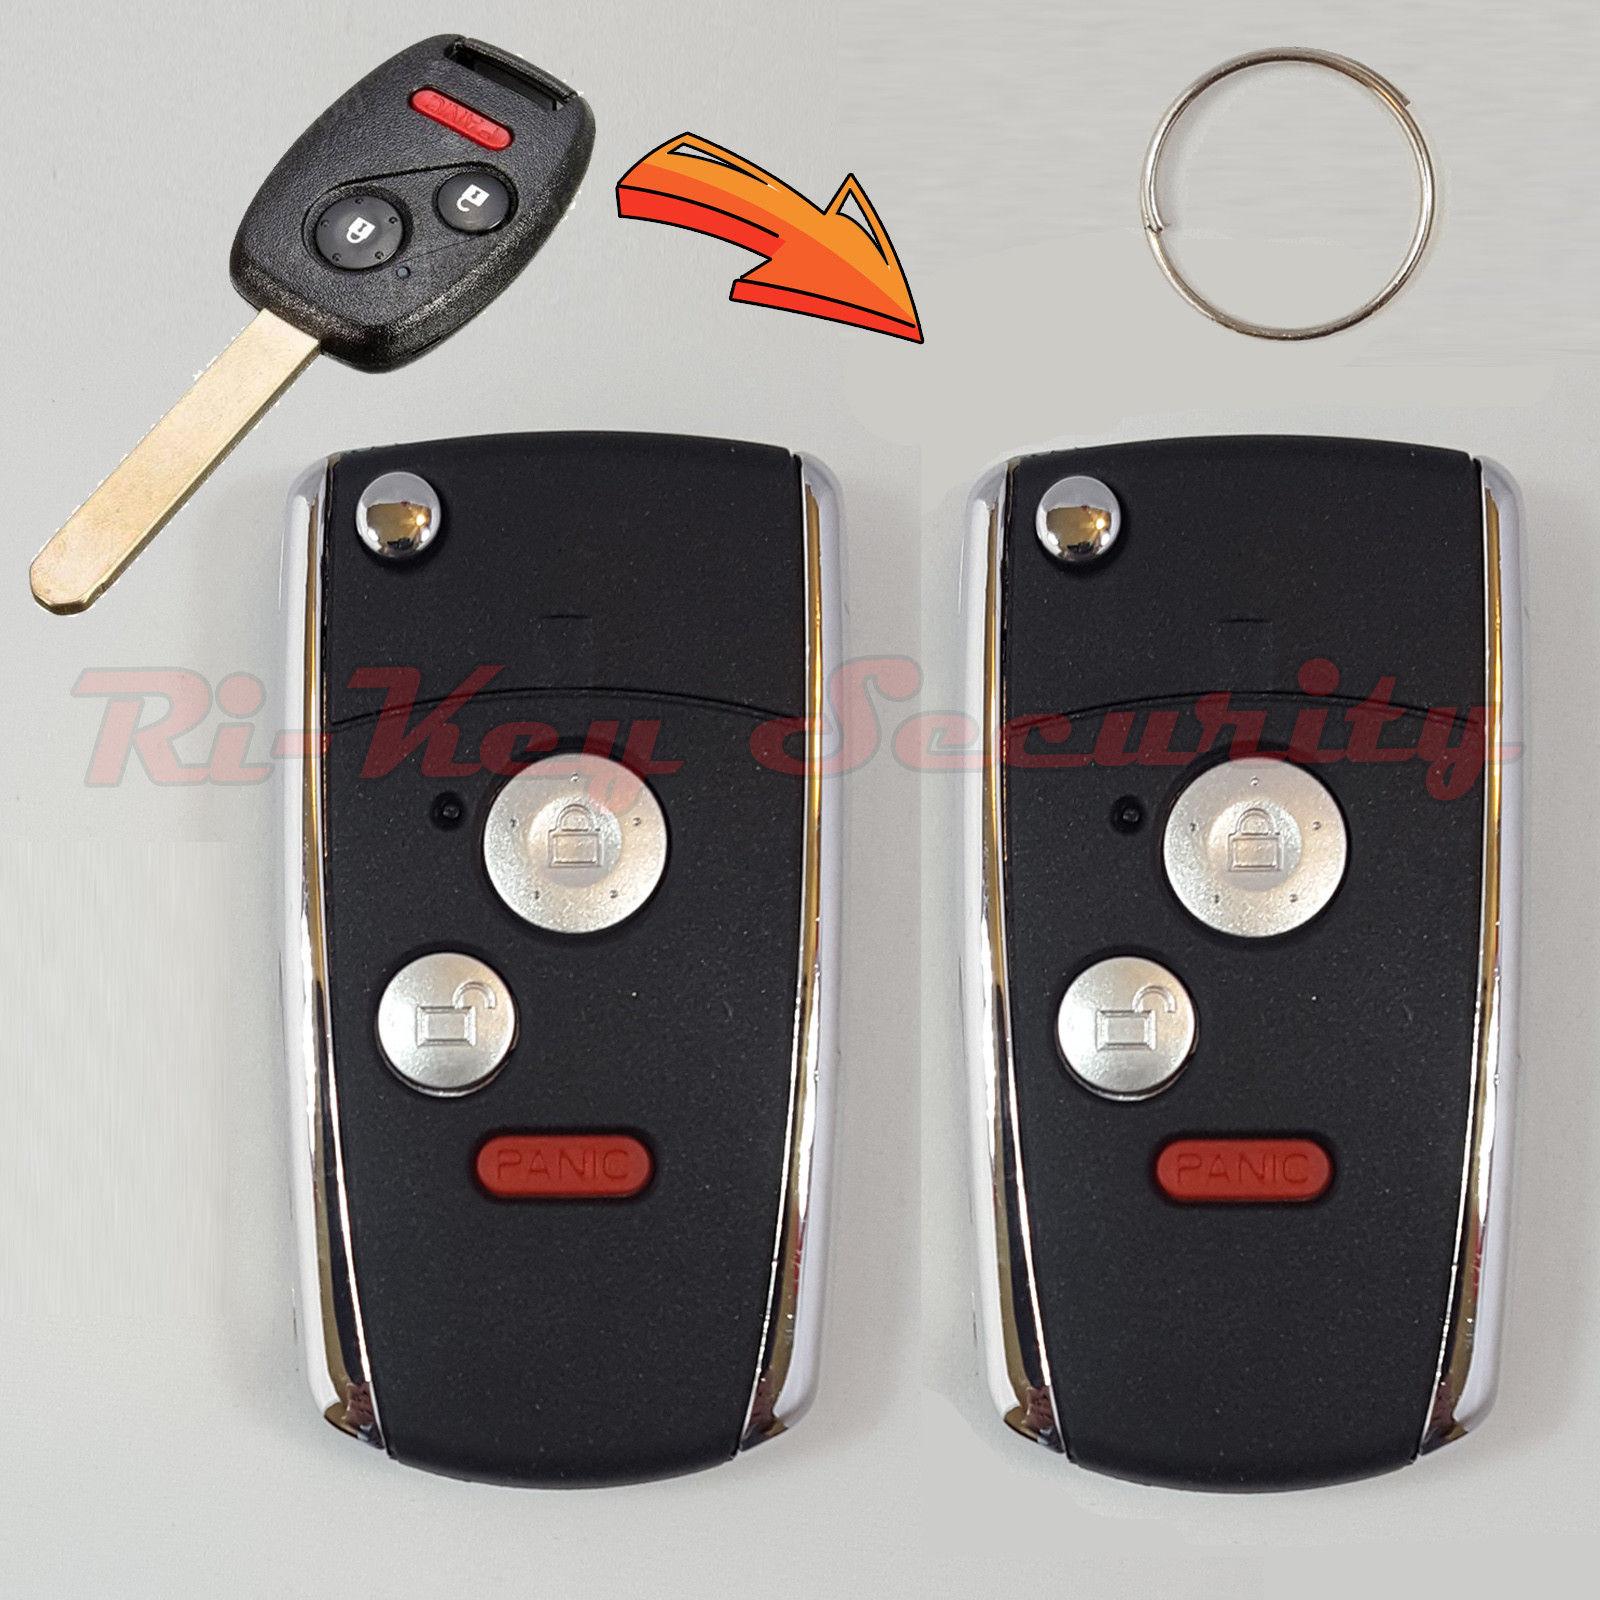 2 New Style Flip Remote key For Honda Vehicles Keyless Entry Transmitter  Chip FOB